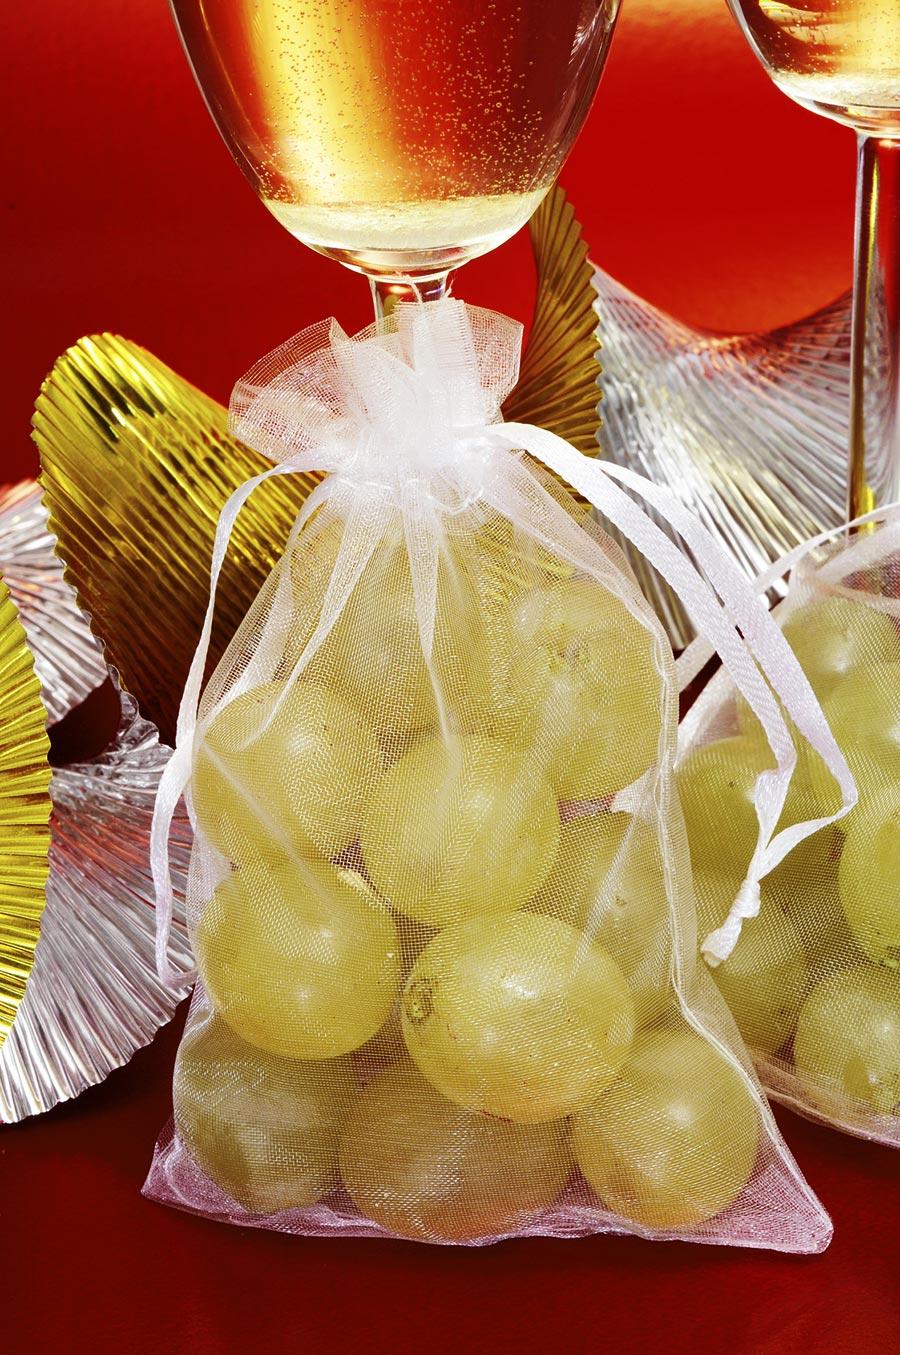 Säckchen mit 12 weißen Weintrauben